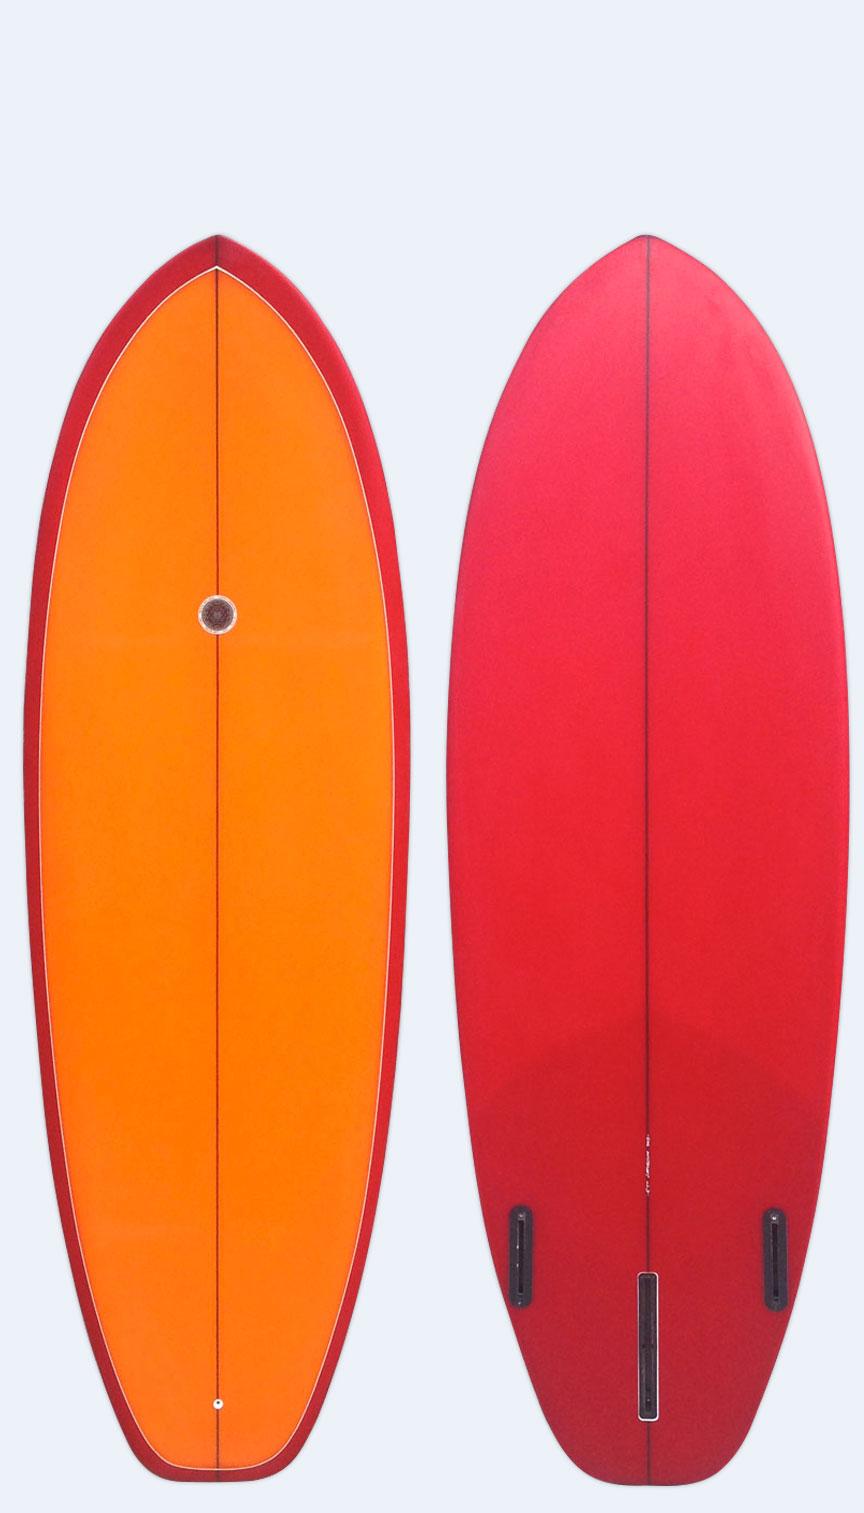 tudor-surfboards-lion-juddah